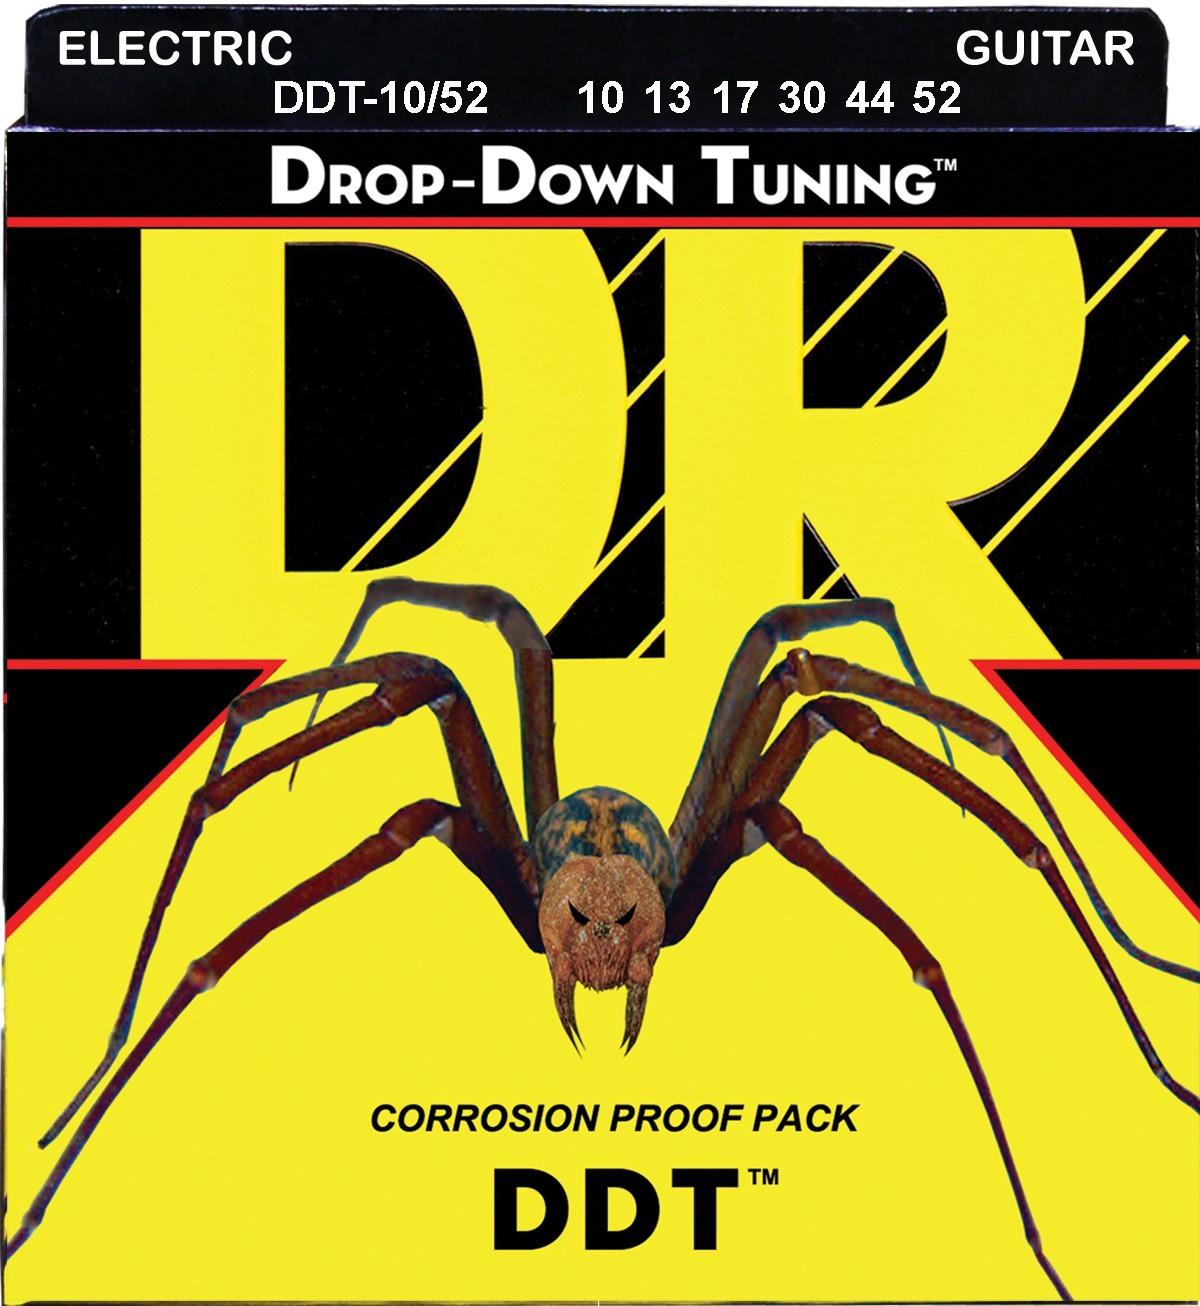 DR Strings DROP-DOWN TUNING - DDT-10/52 - struny do gitary elektrycznej Set, Big Heavy, .010-.052